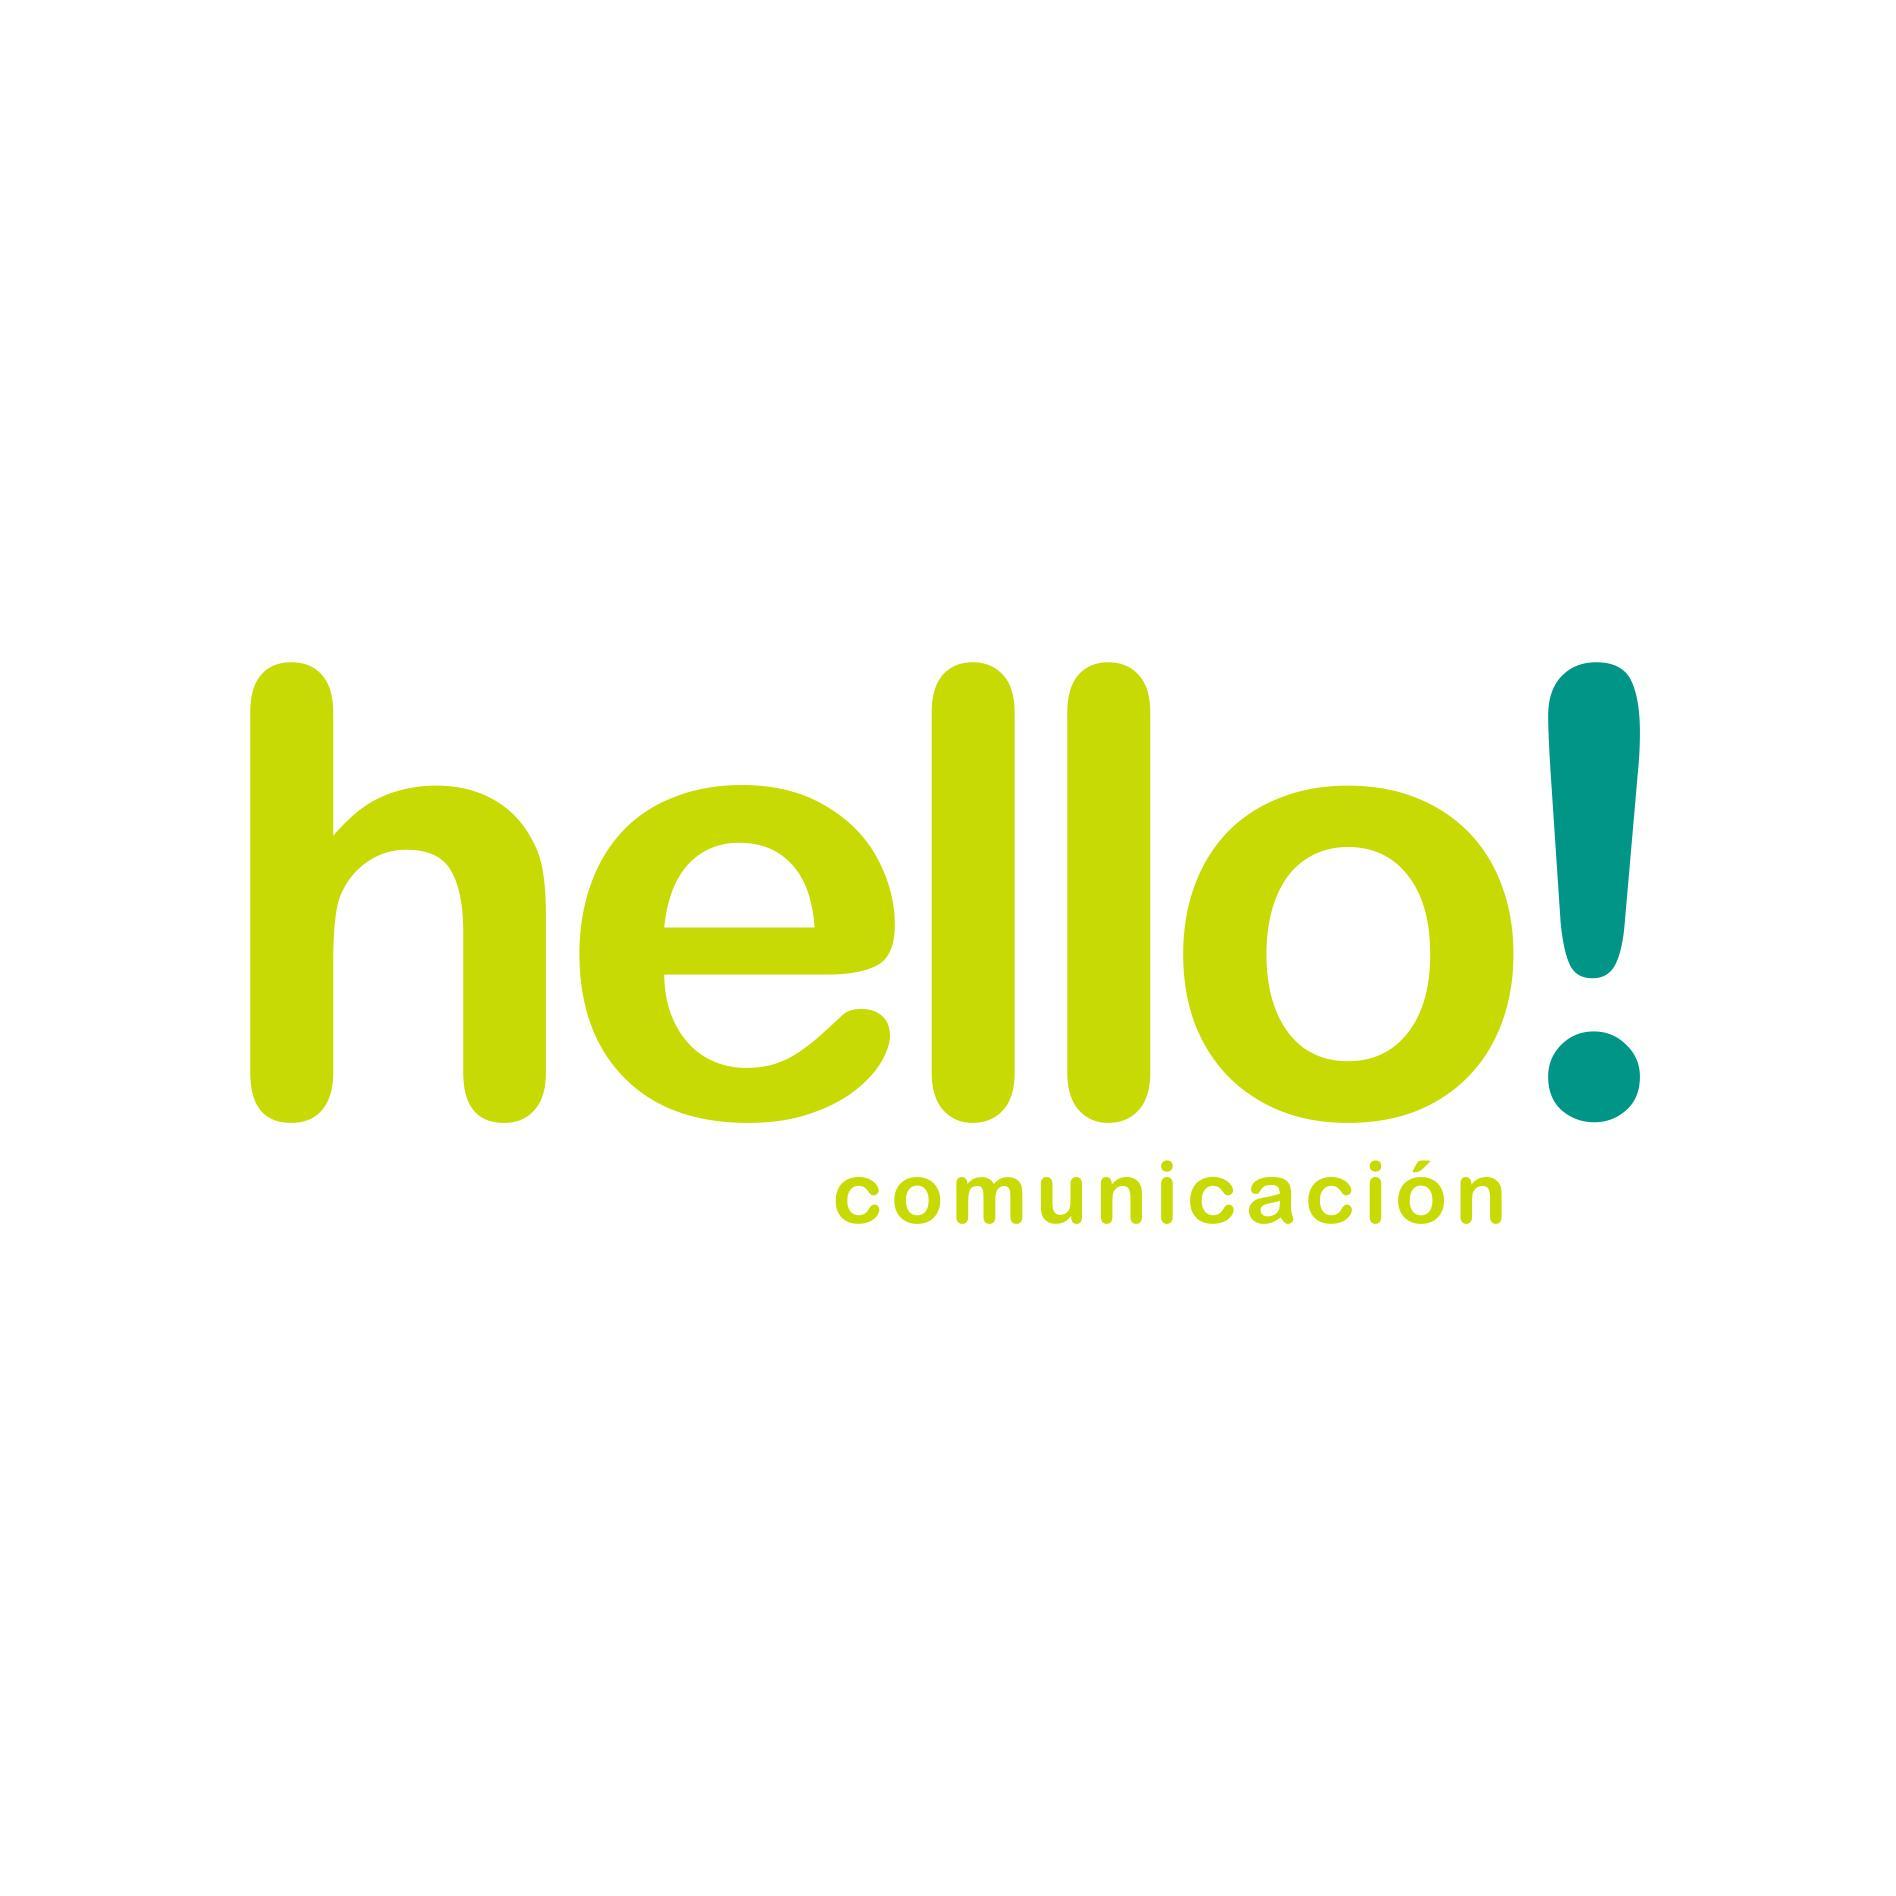 Logotipos empresas imagui for Empresa logos